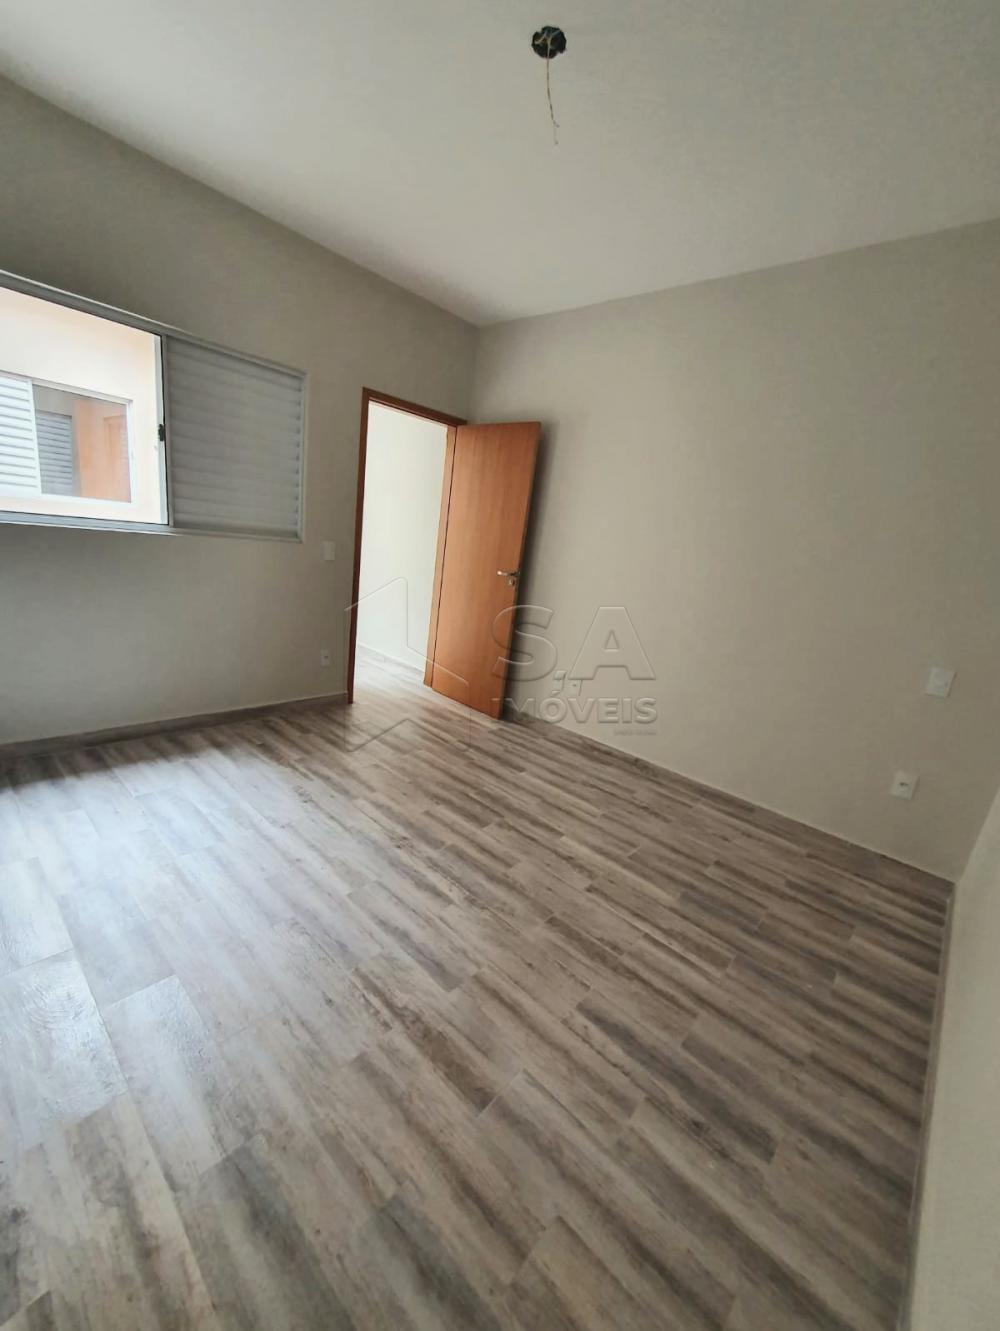 Comprar Casa / Padrão em Botucatu apenas R$ 280.000,00 - Foto 3